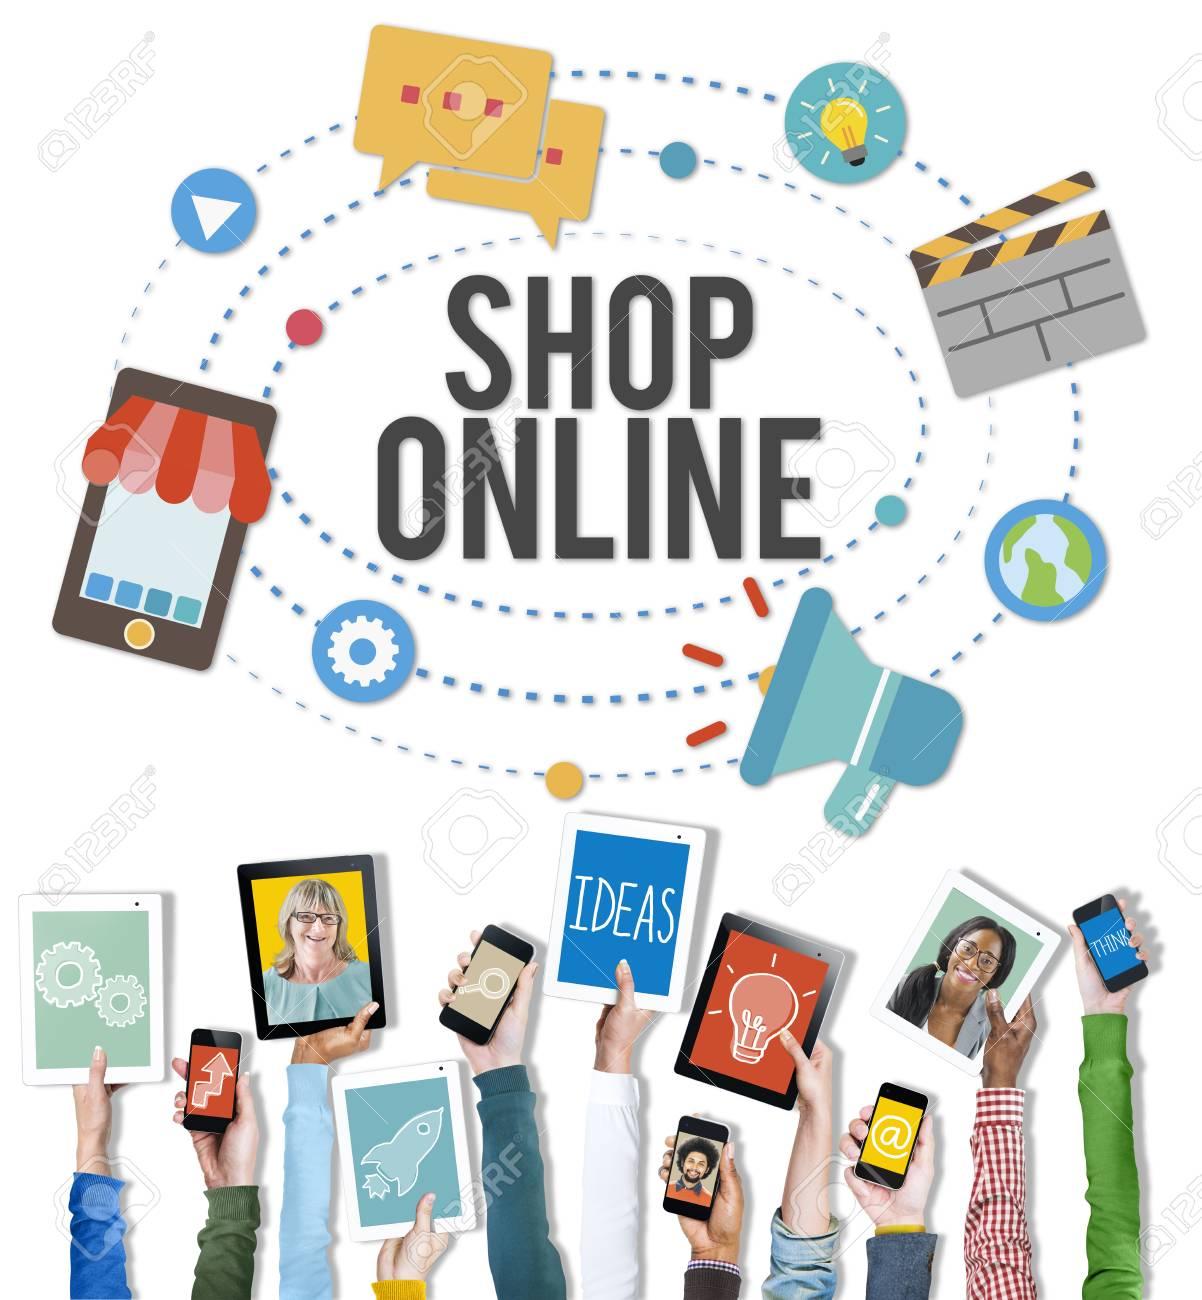 shop online e commerce marketing business concept stock photo